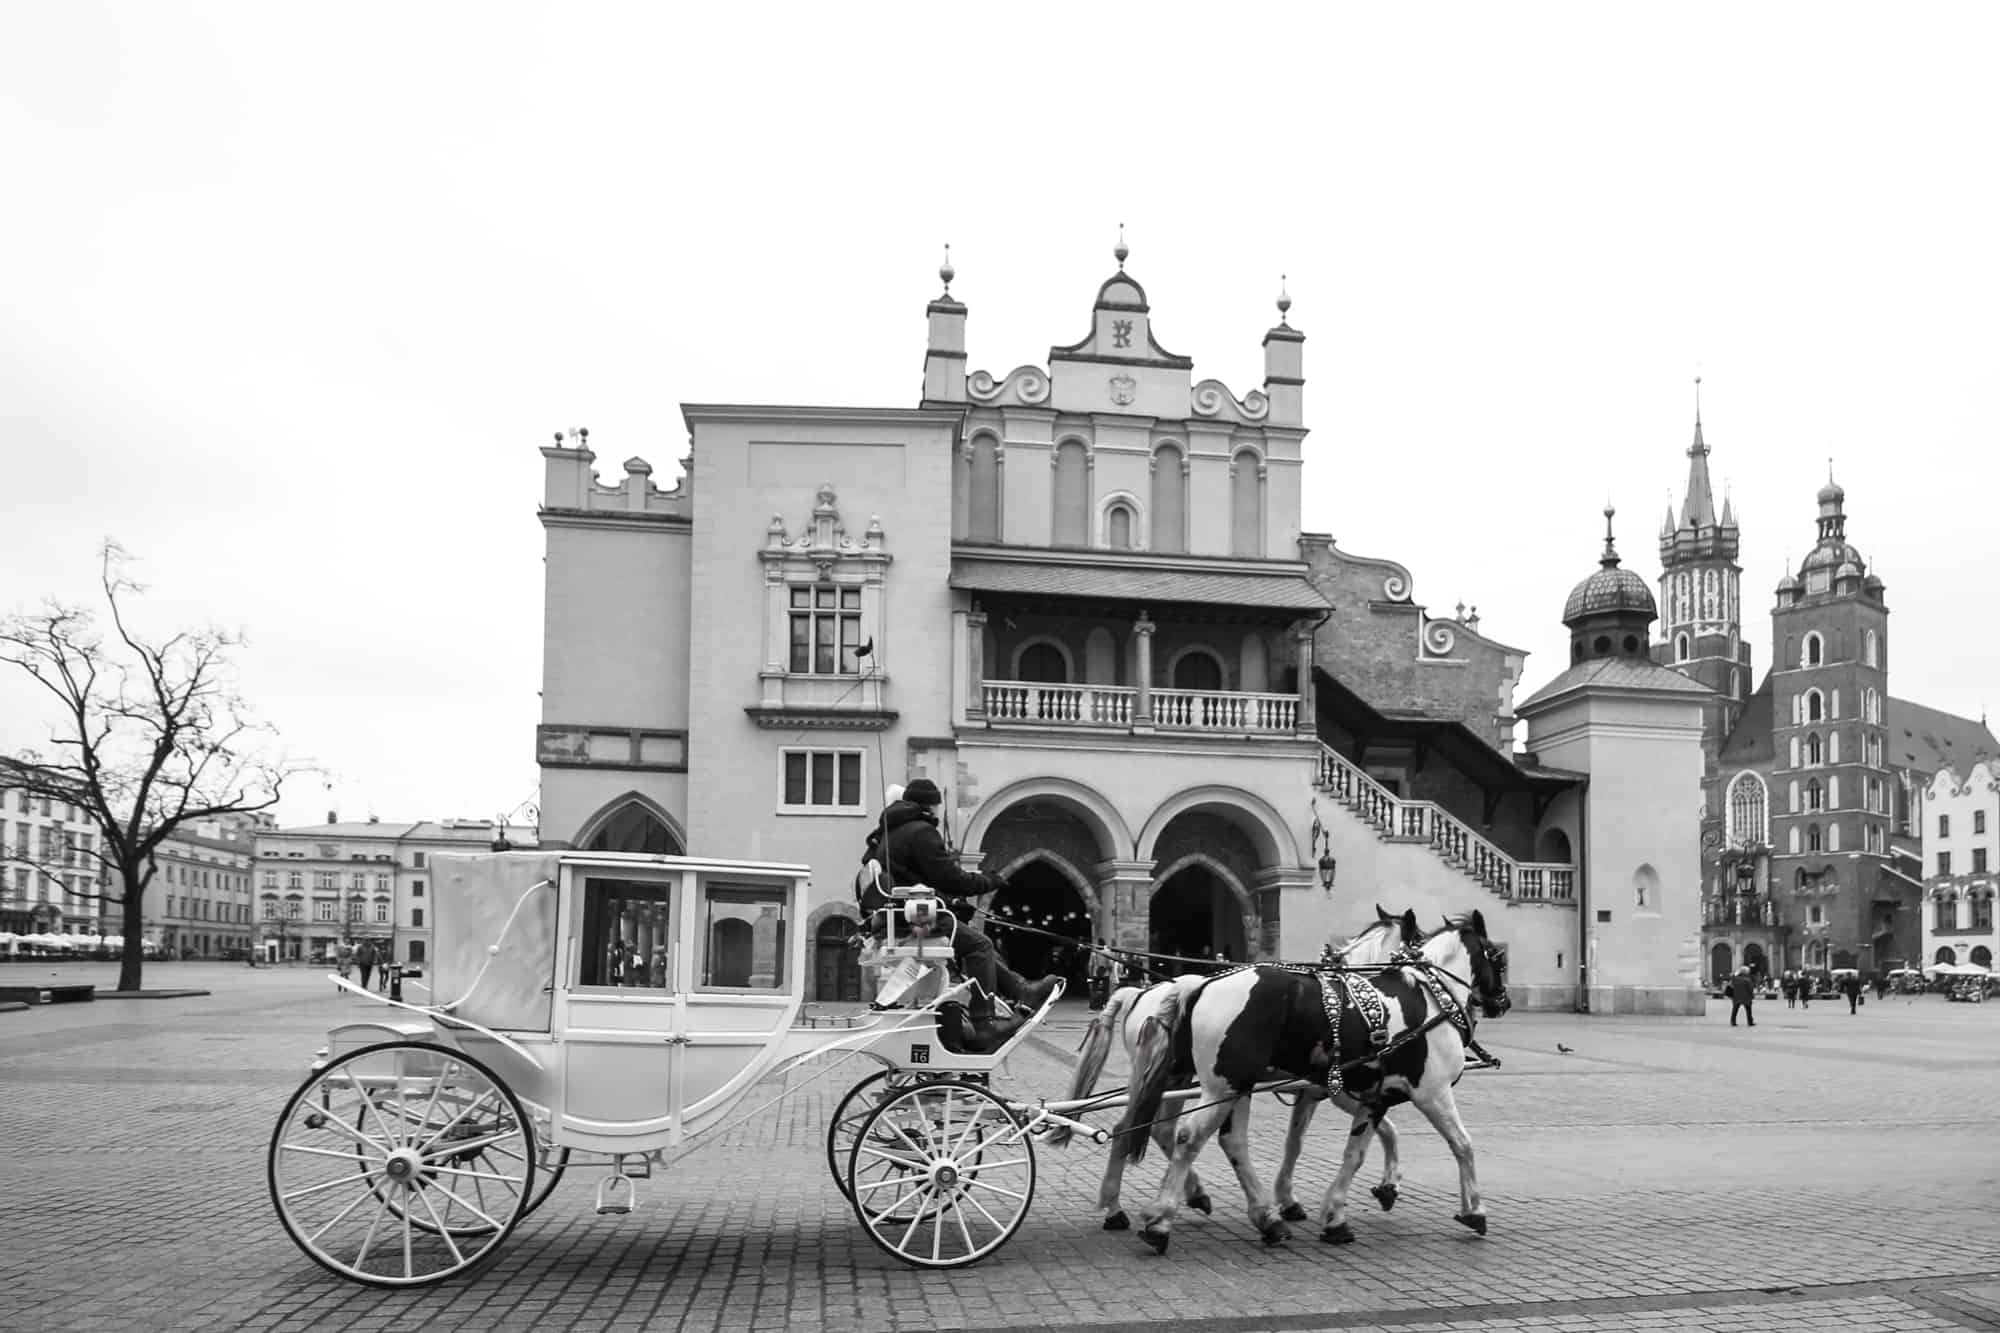 Marktplatz von Krakau